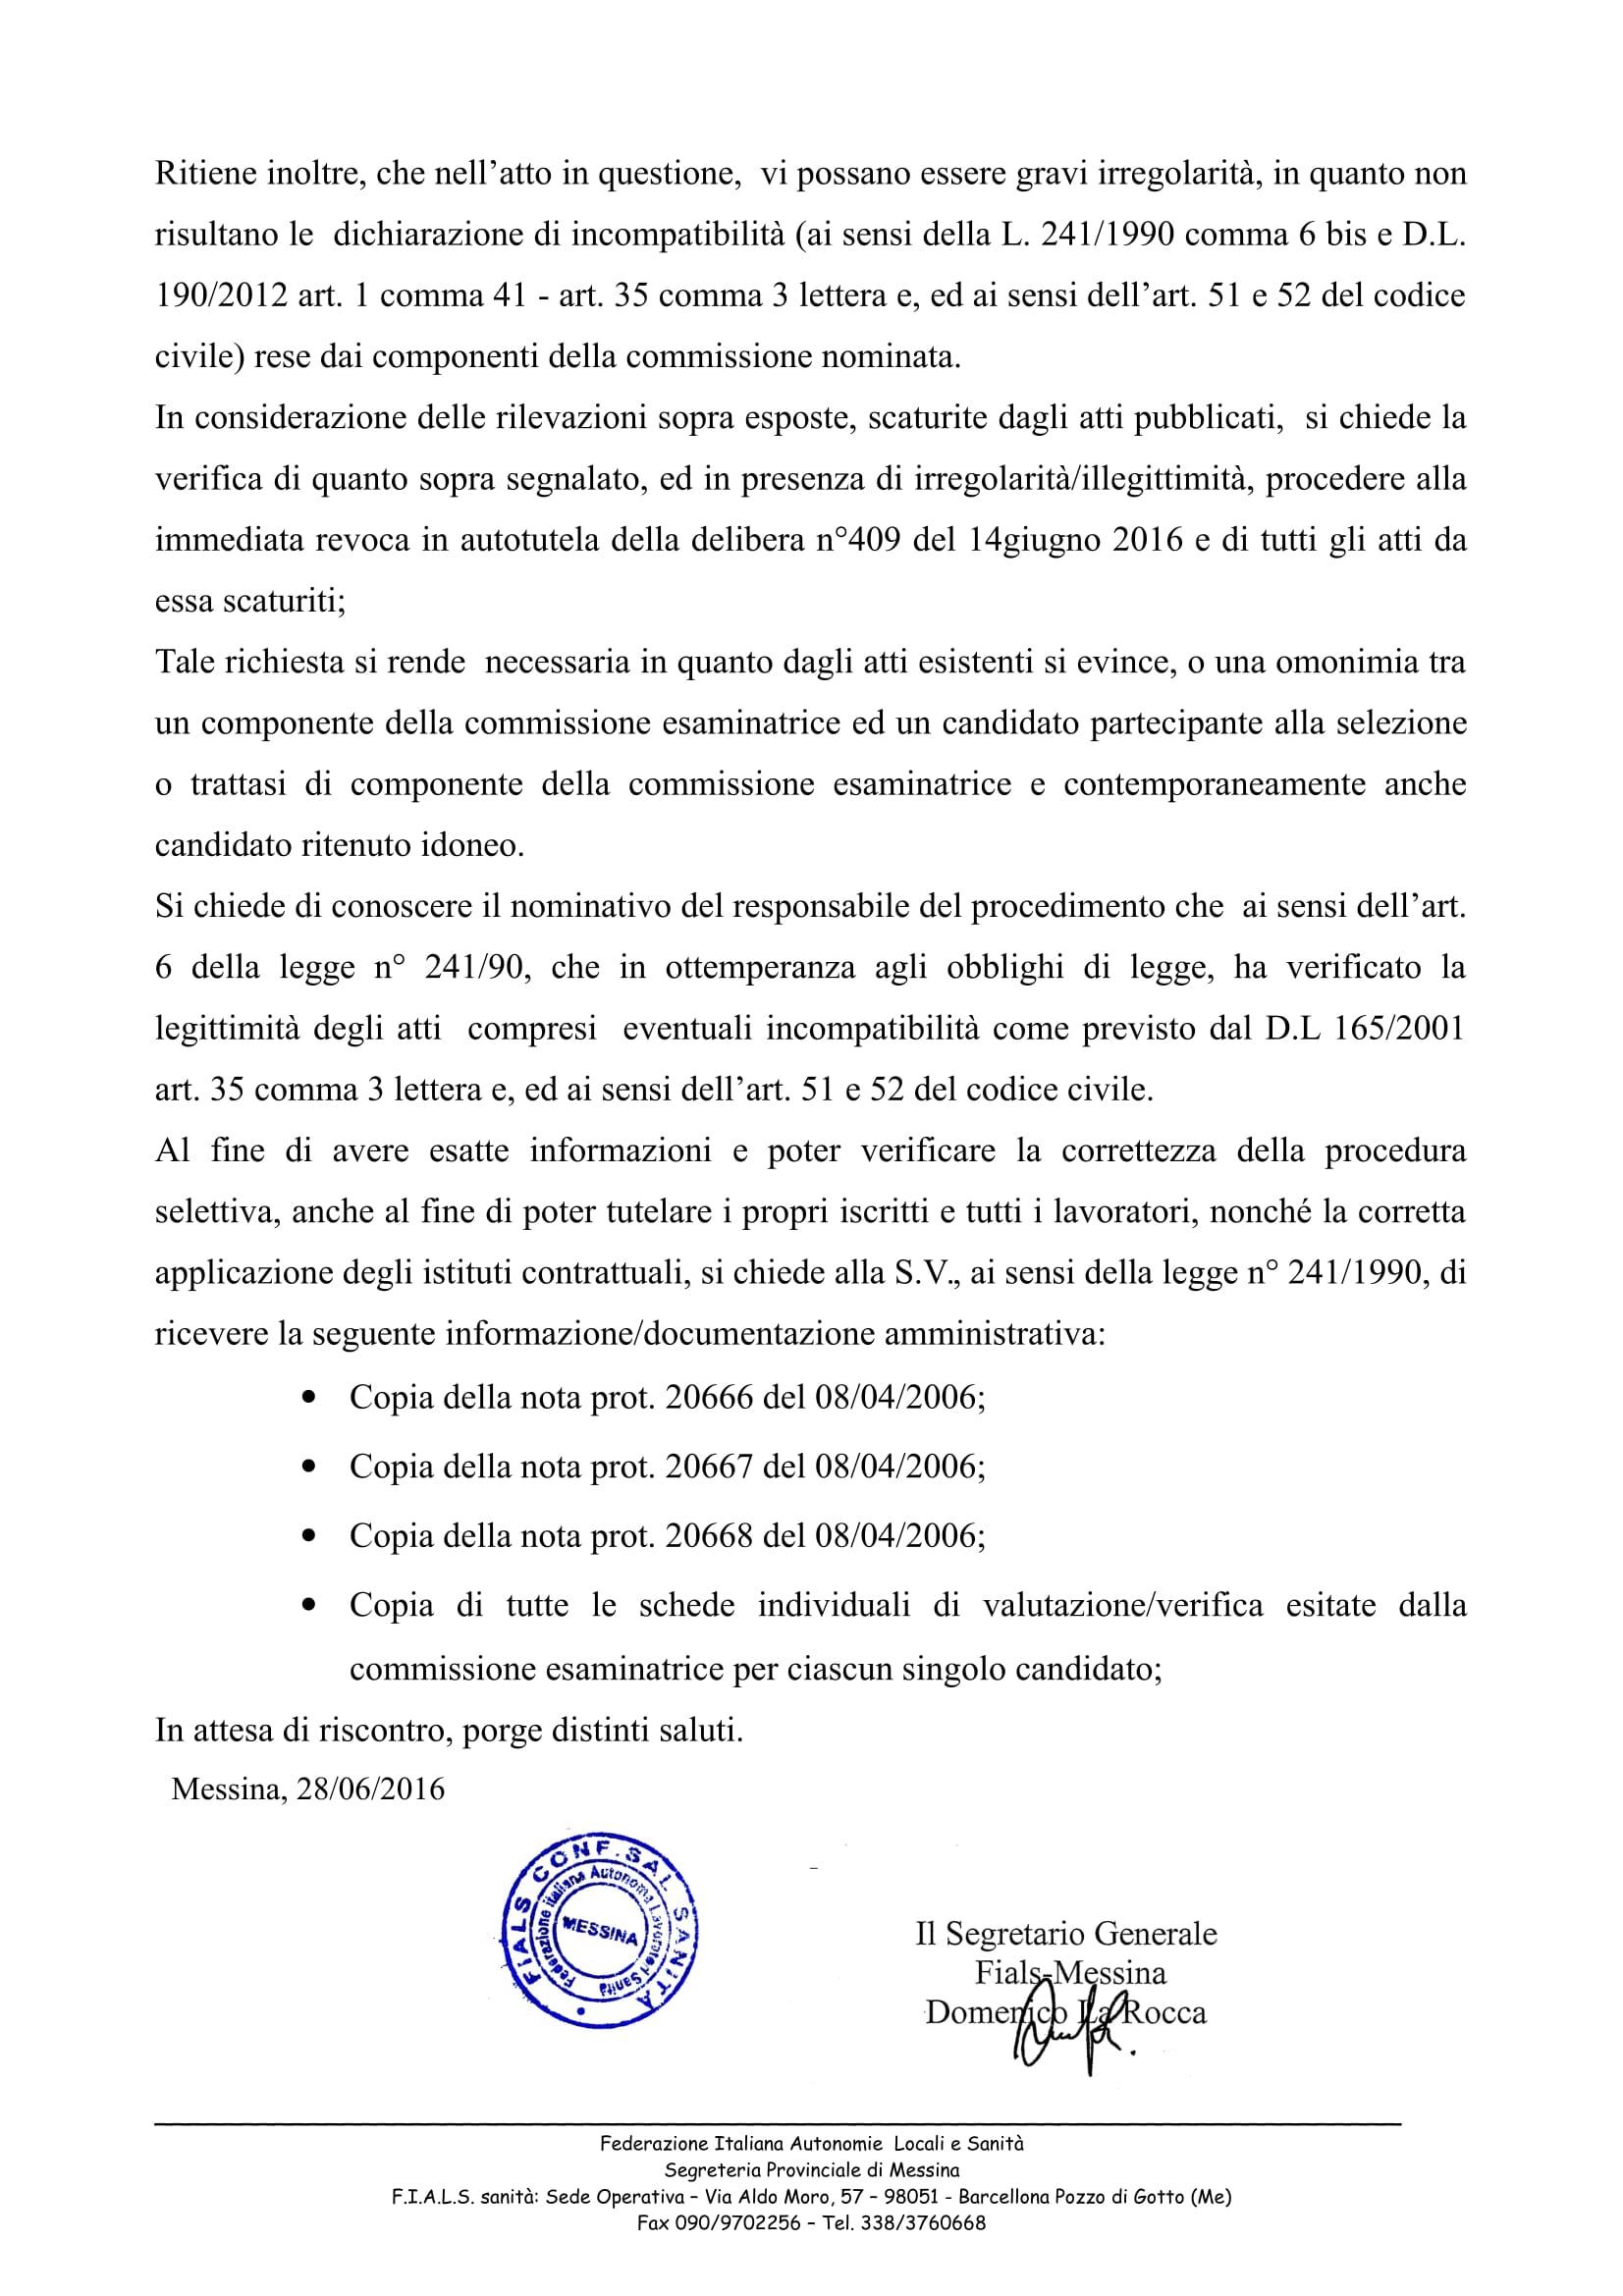 prot-208-del-28-giugno-2016-richiesta-di-revoca-delibera-n409-del-14-giugno-2016-1